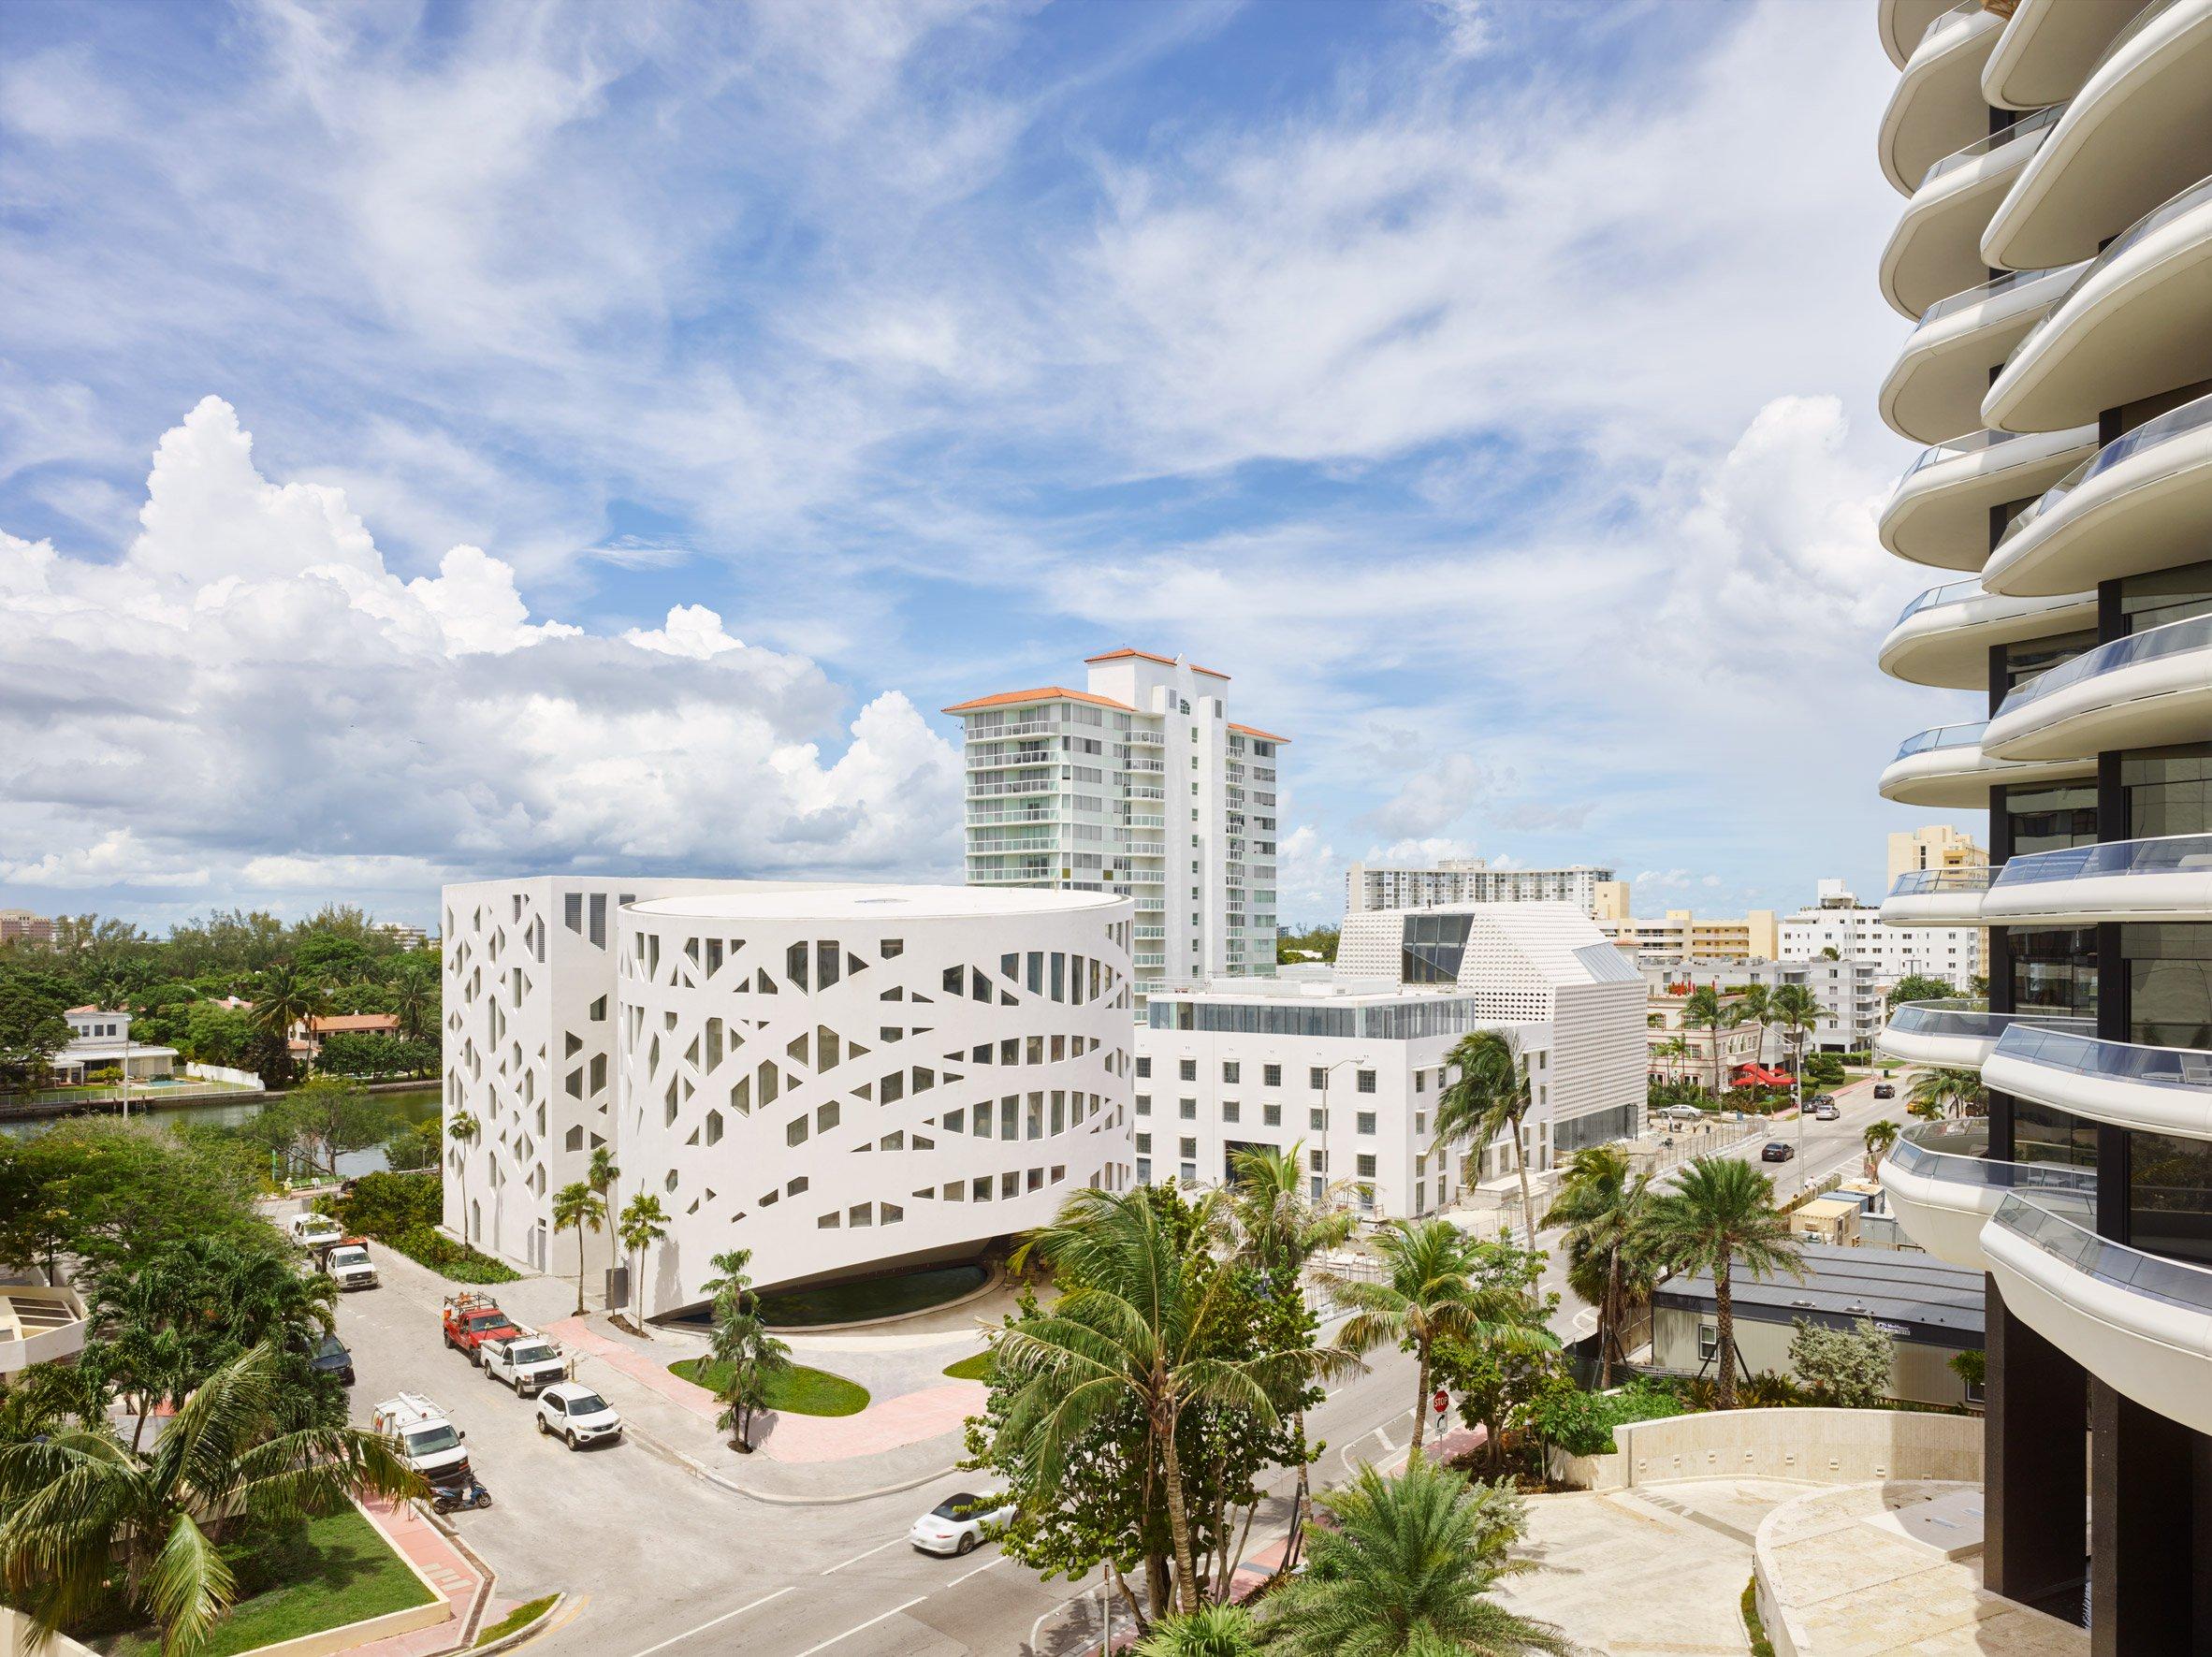 faena-forum-district-architecture-miami-usa_dezeen_2364_col_1